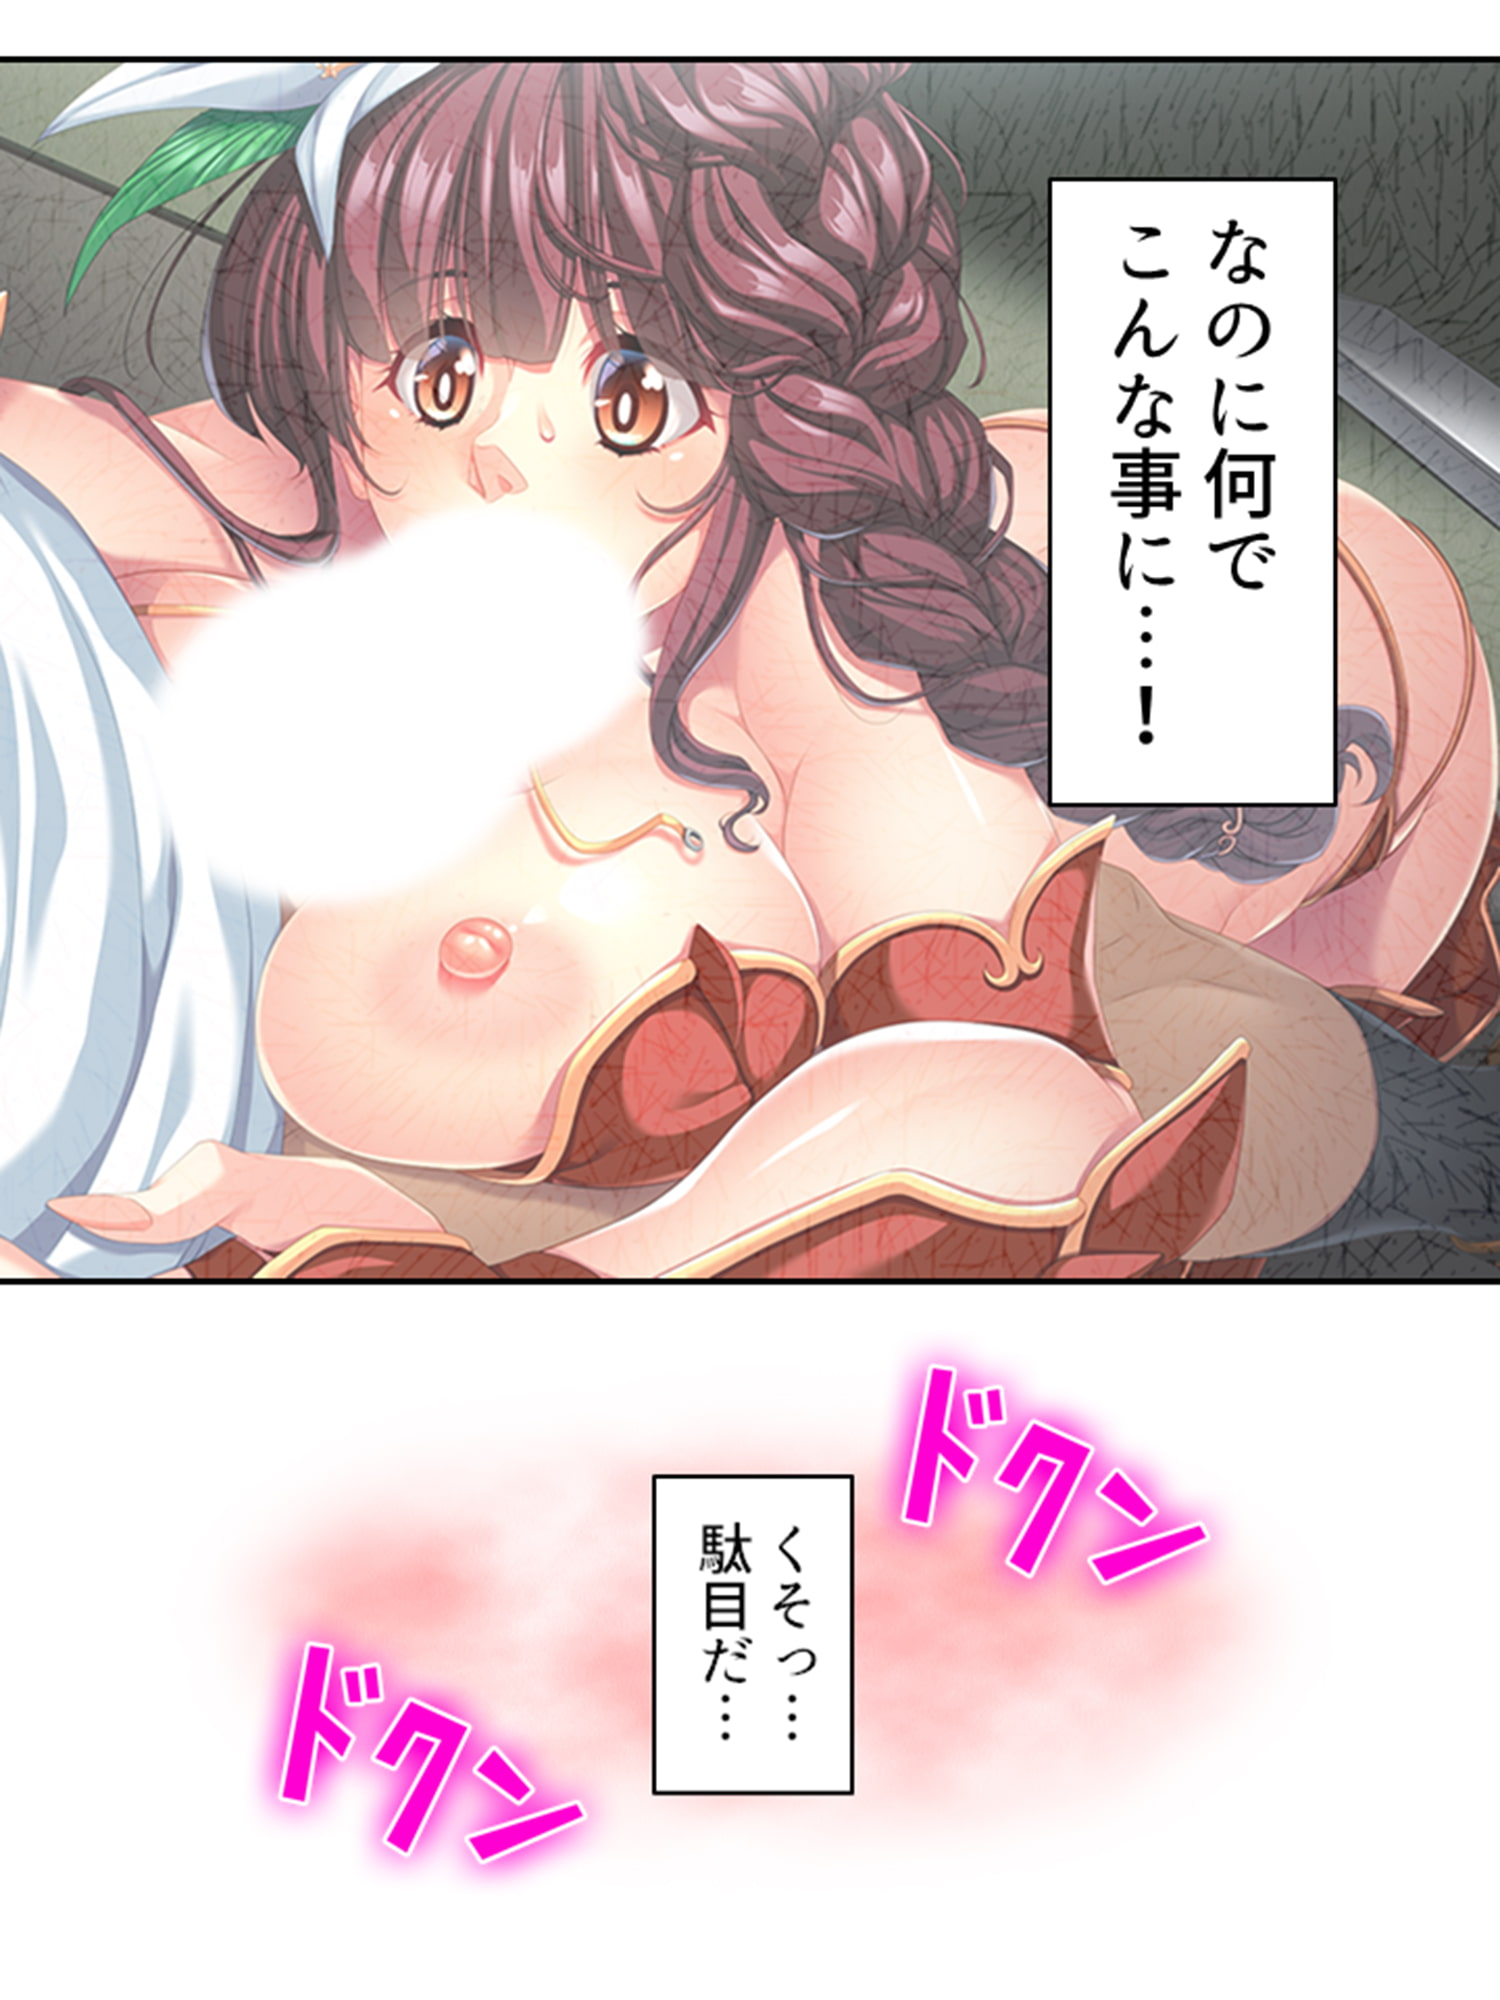 お兄ちゃん限定!巨乳コスプレイヤーハメ撮り撮影会! 上巻